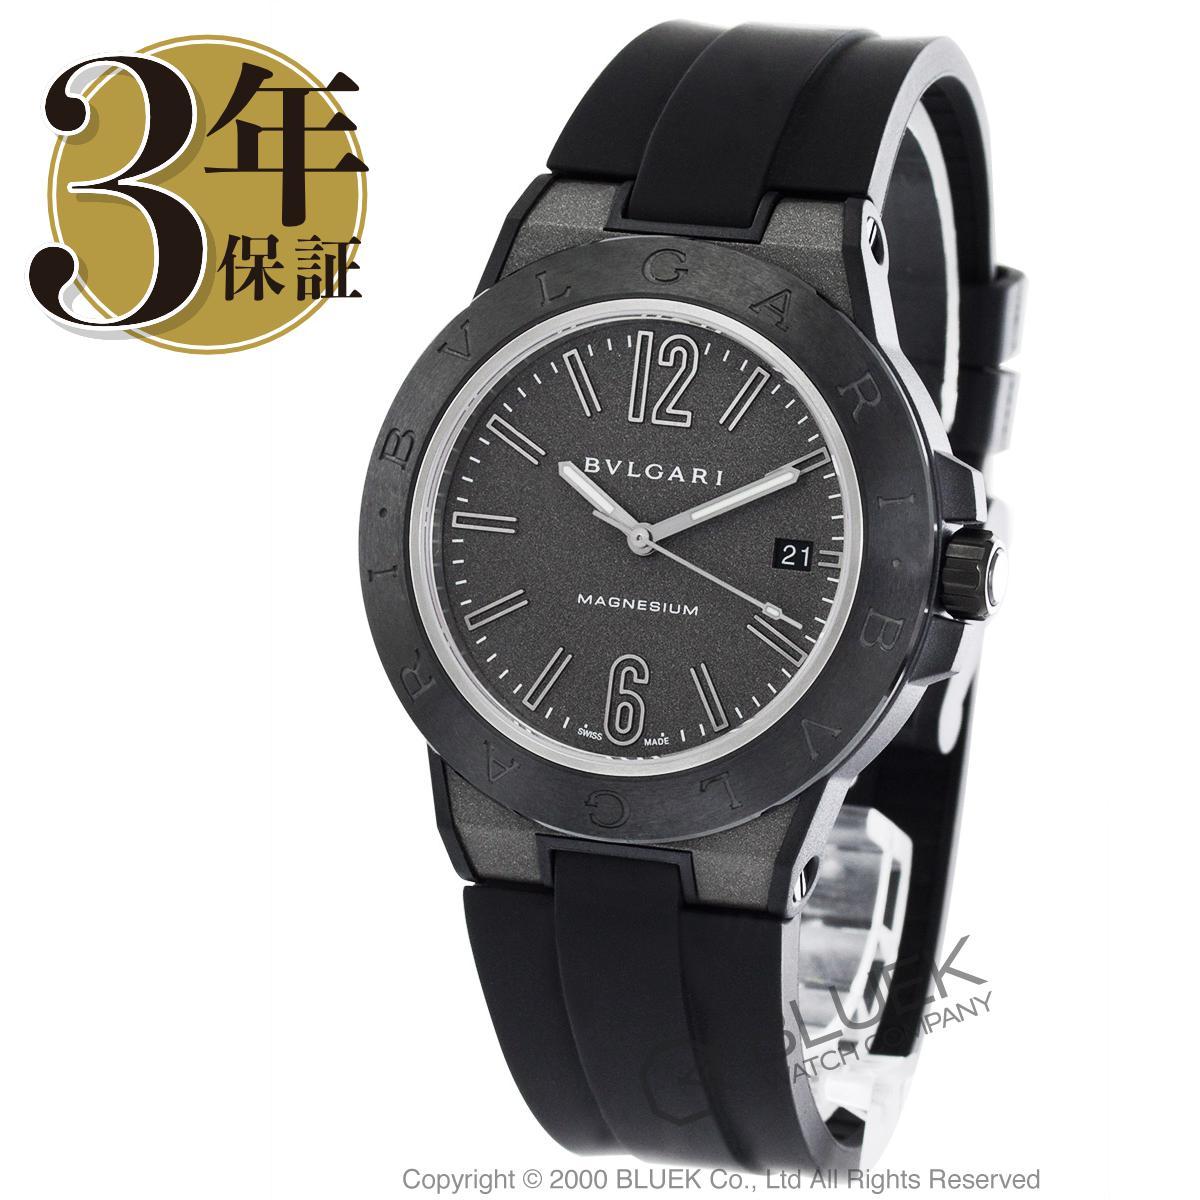 ブルガリ ディアゴノ マグネシウム 腕時計 メンズ BVLGARI DG41C14SMCVD_8 バーゲン ギフト プレゼント